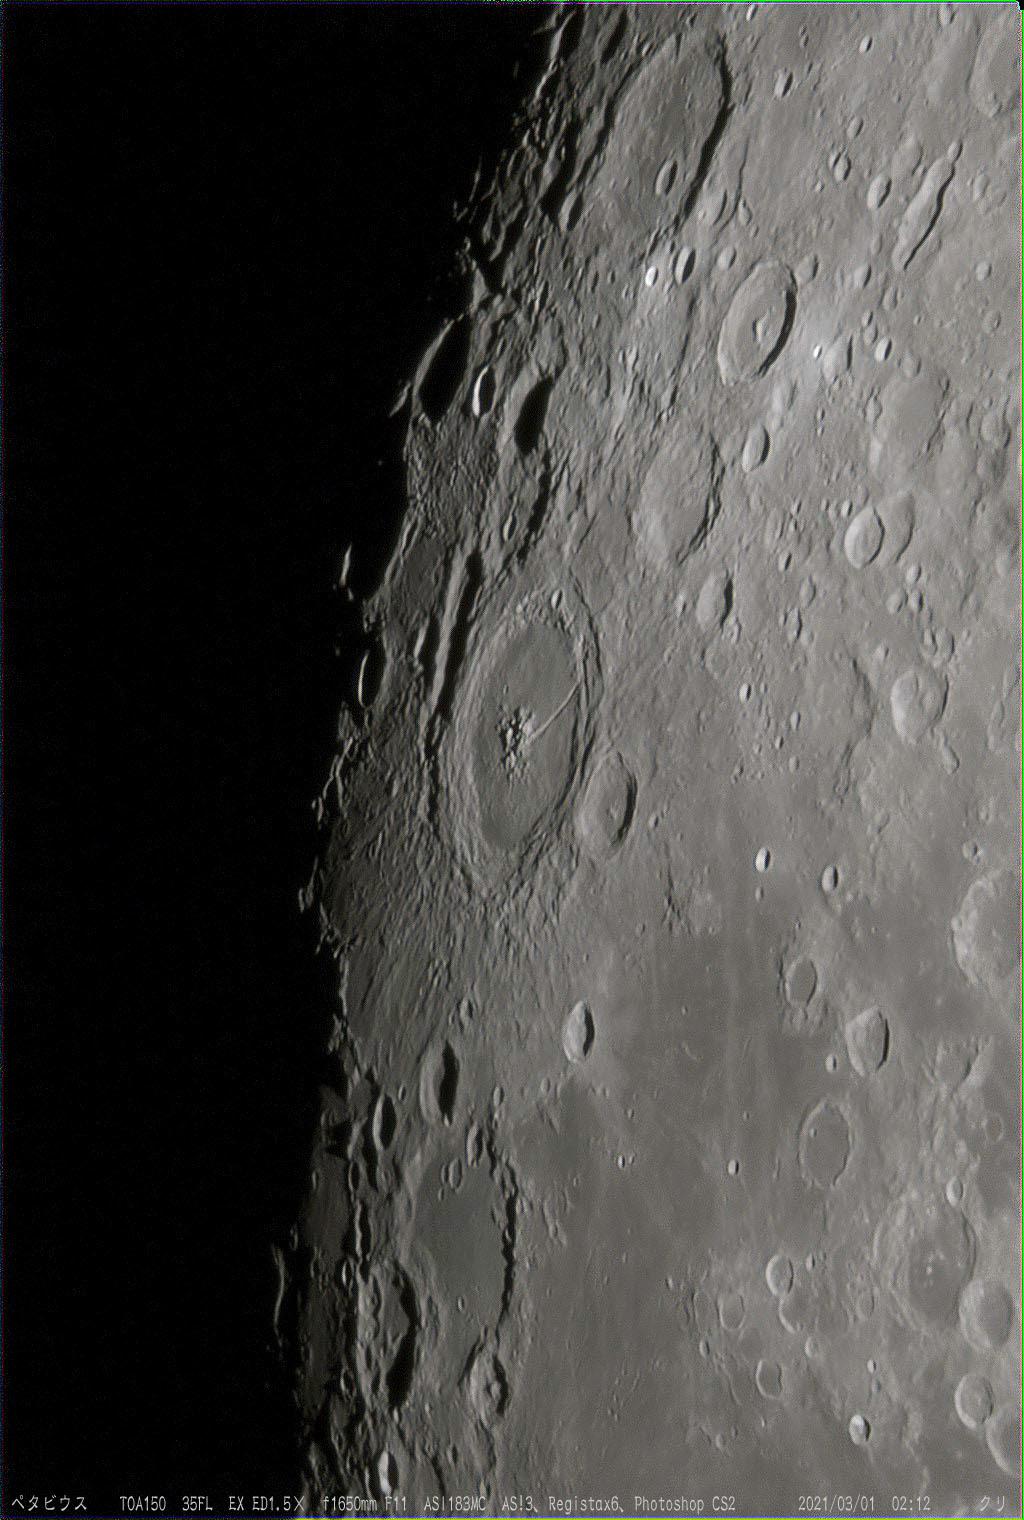 20210228^0301 ペタビウス MoonAge16_9(TOA150)_021231